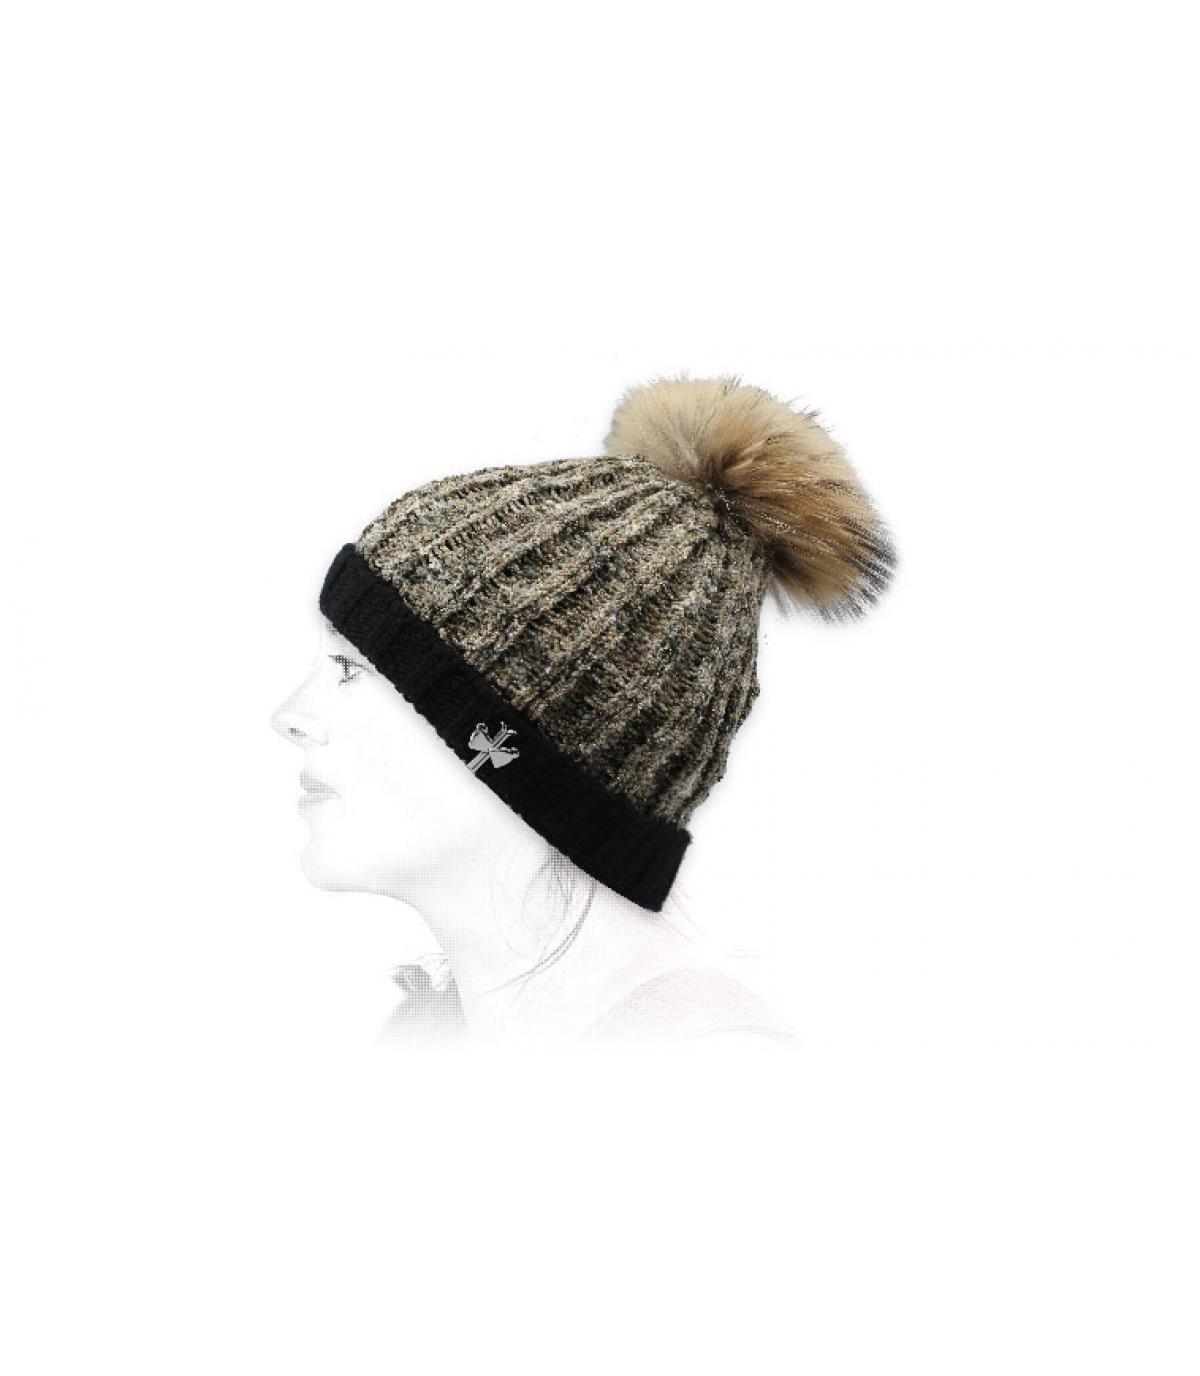 Mütze Wolle beige schwarz